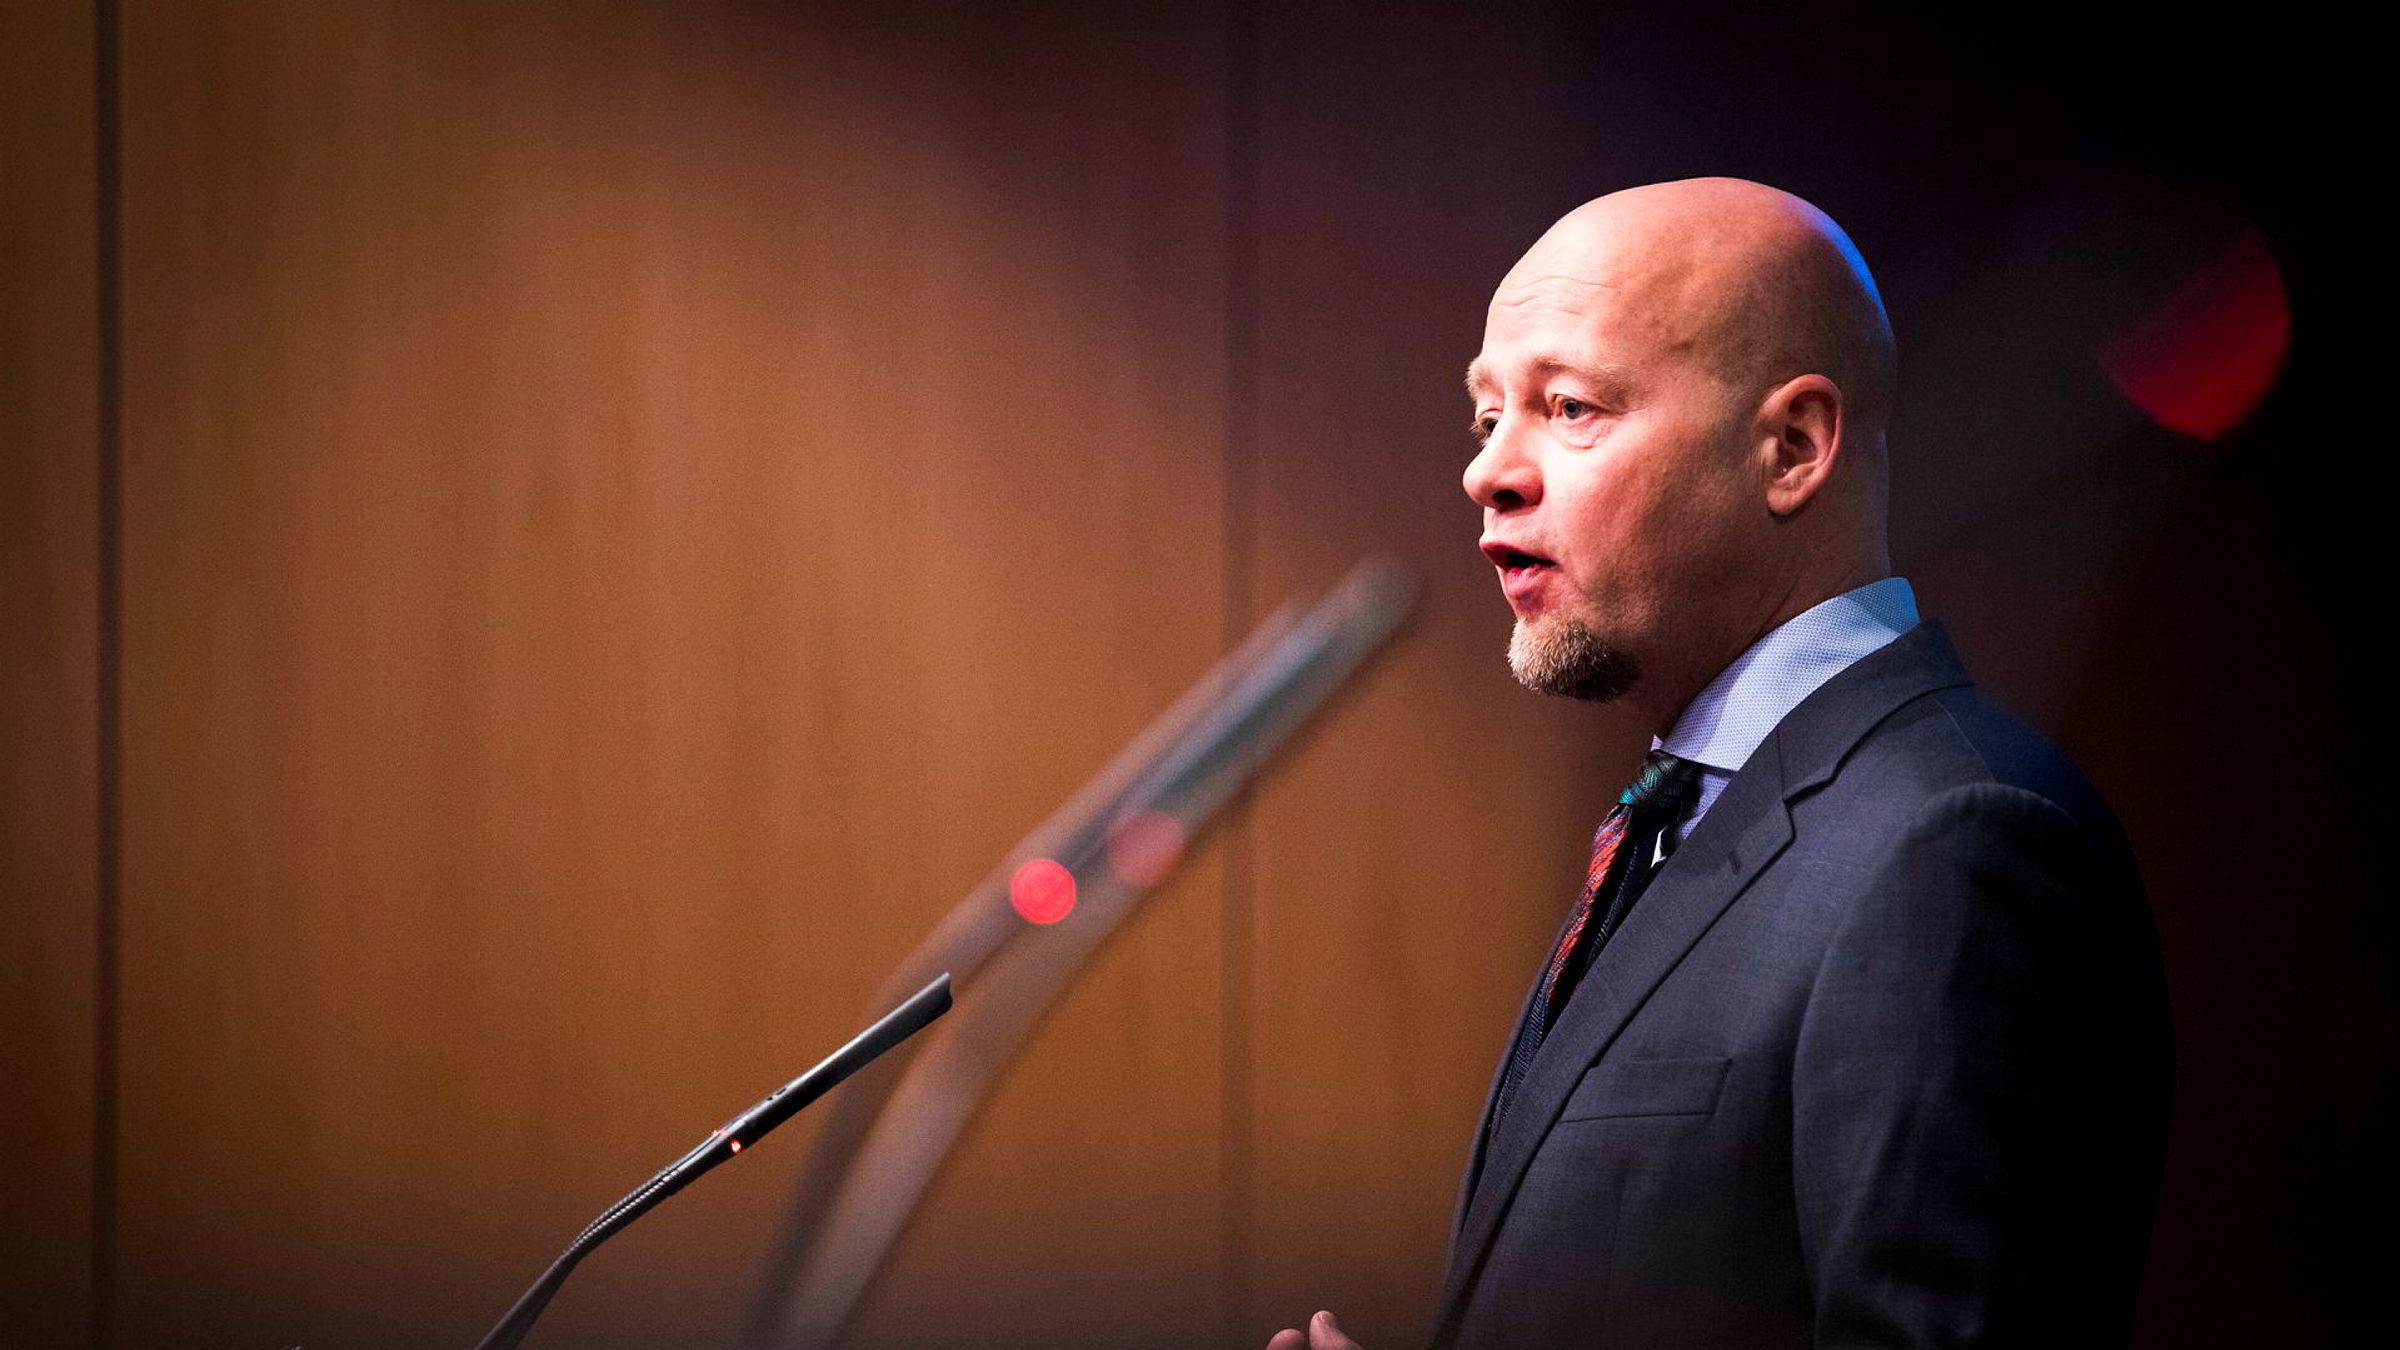 Administrerende direktør i Norges Bank Investment Management Yngve Slyngstad vil bruke fondets tyngde til å påvirke endringer i selskapers lønnsprogrammer.